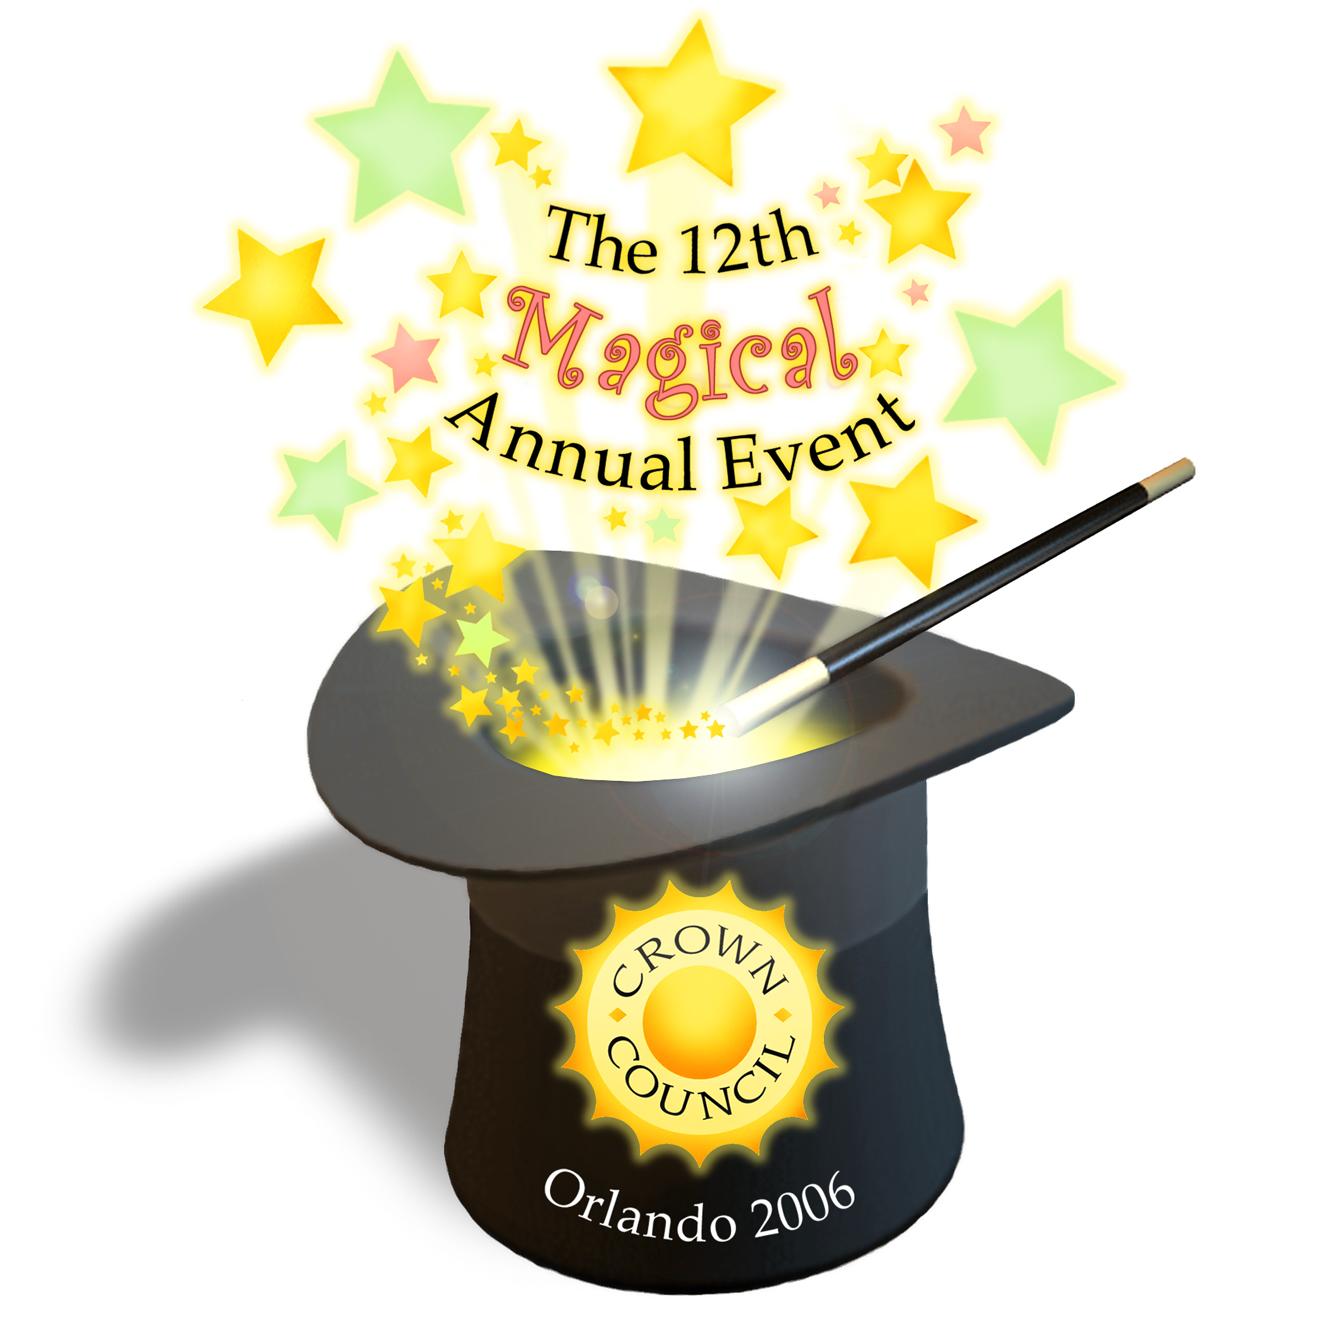 2006 - The 11th Annual Event - Orlando, FL